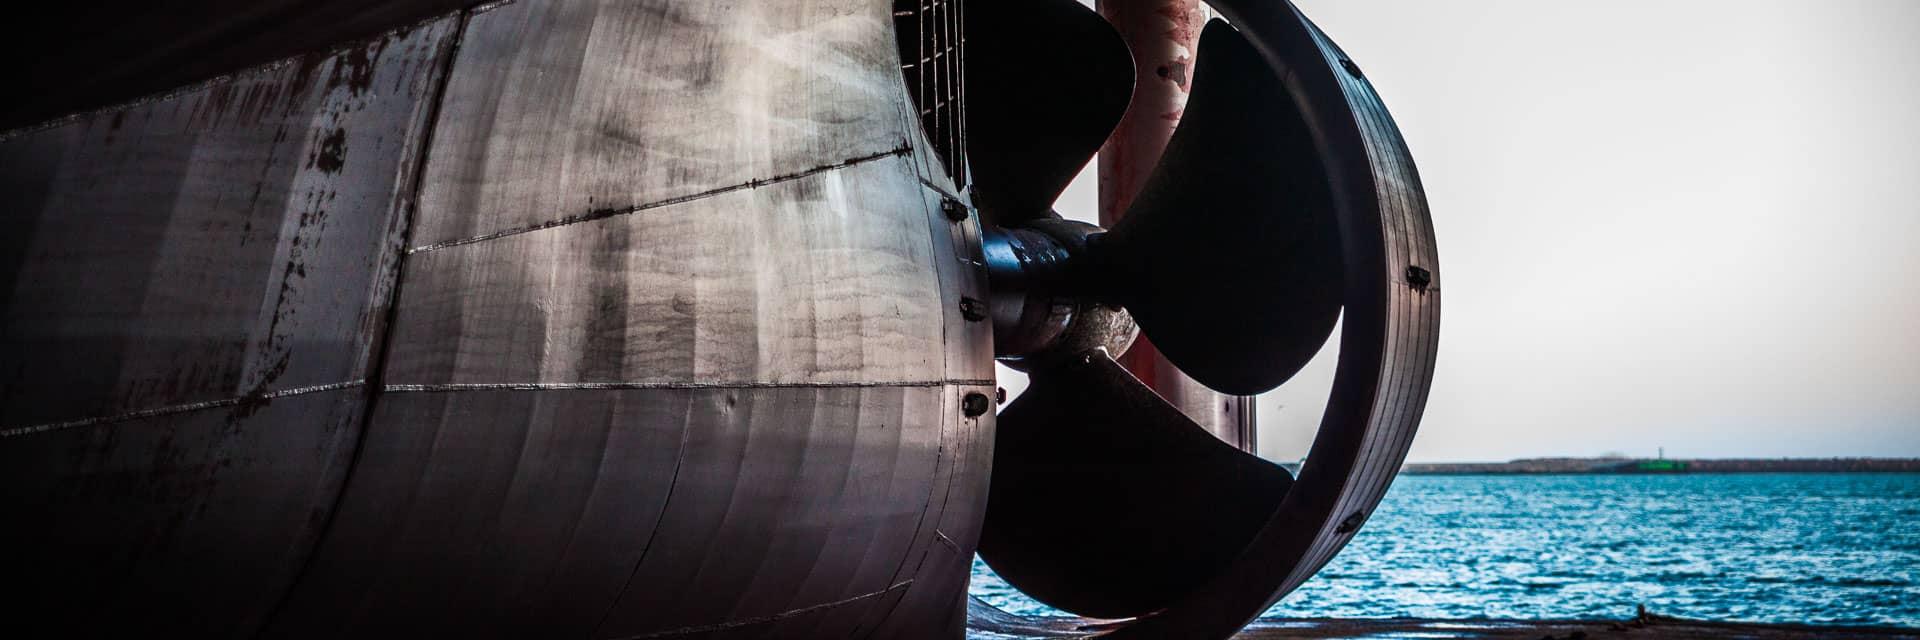 Gigantische Schiffsschraube